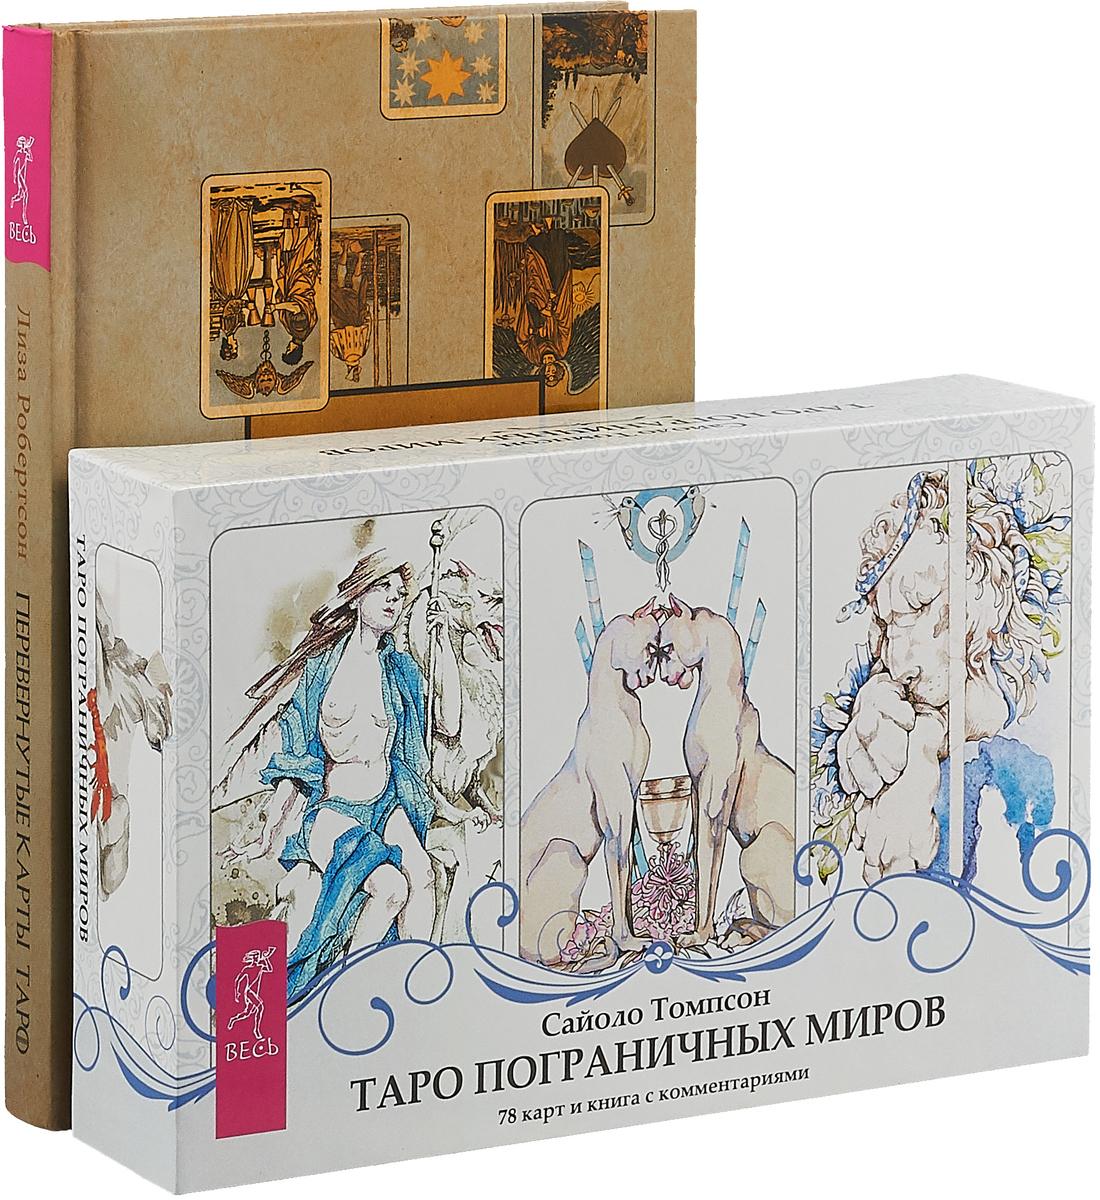 Перевернутые карты Таро + Таро миров (7334)